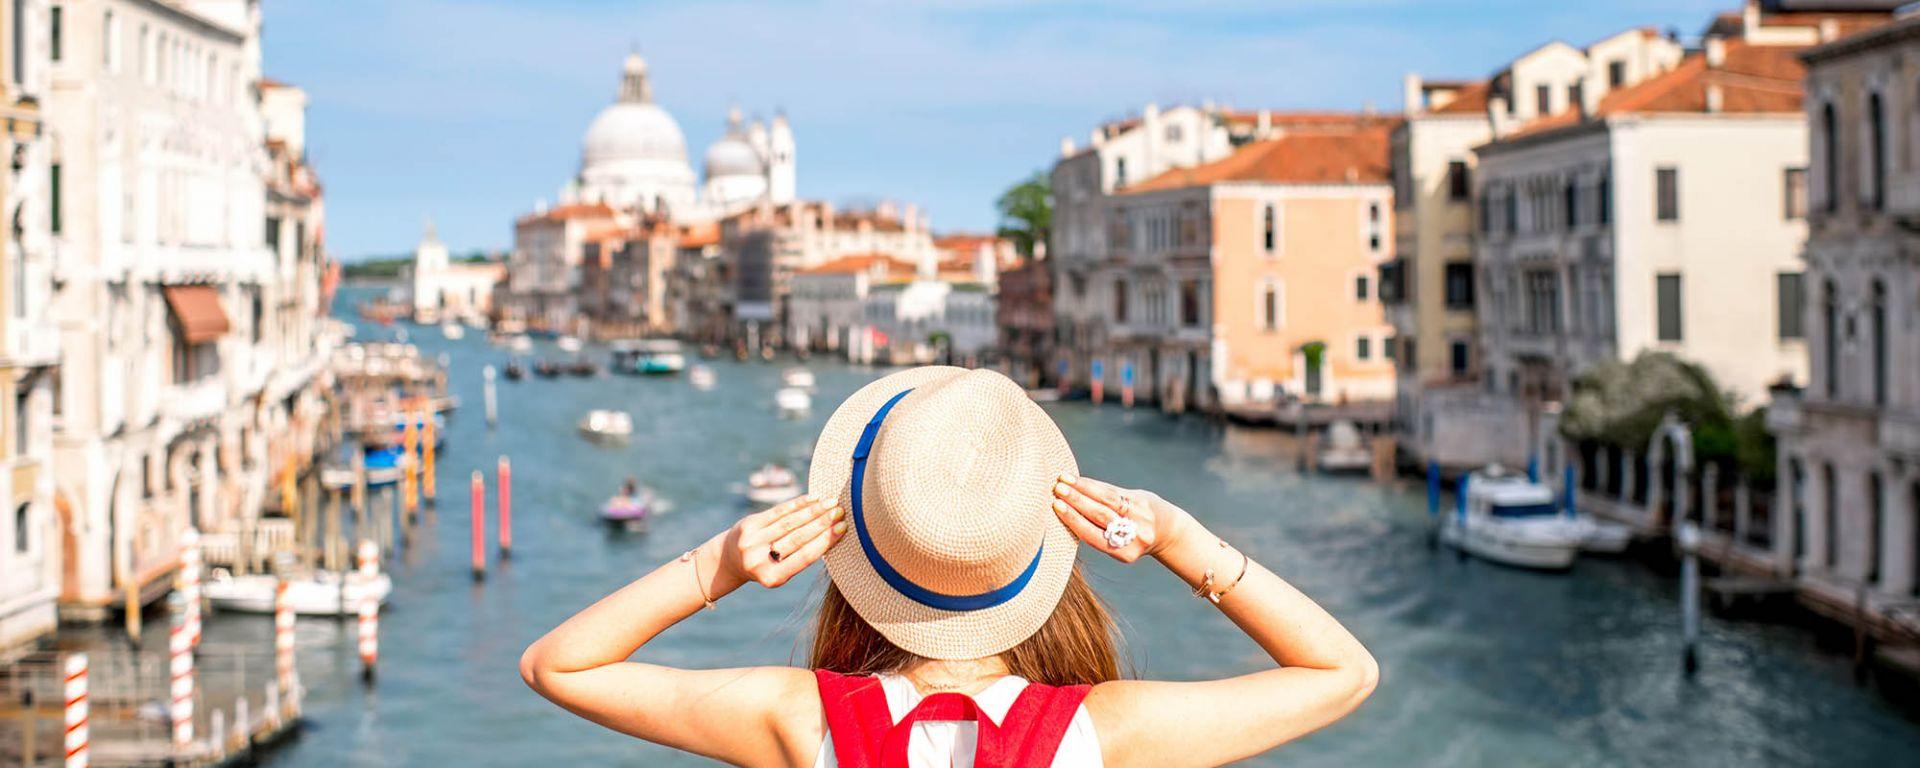 Lake Garda Venice Walking Tour Header